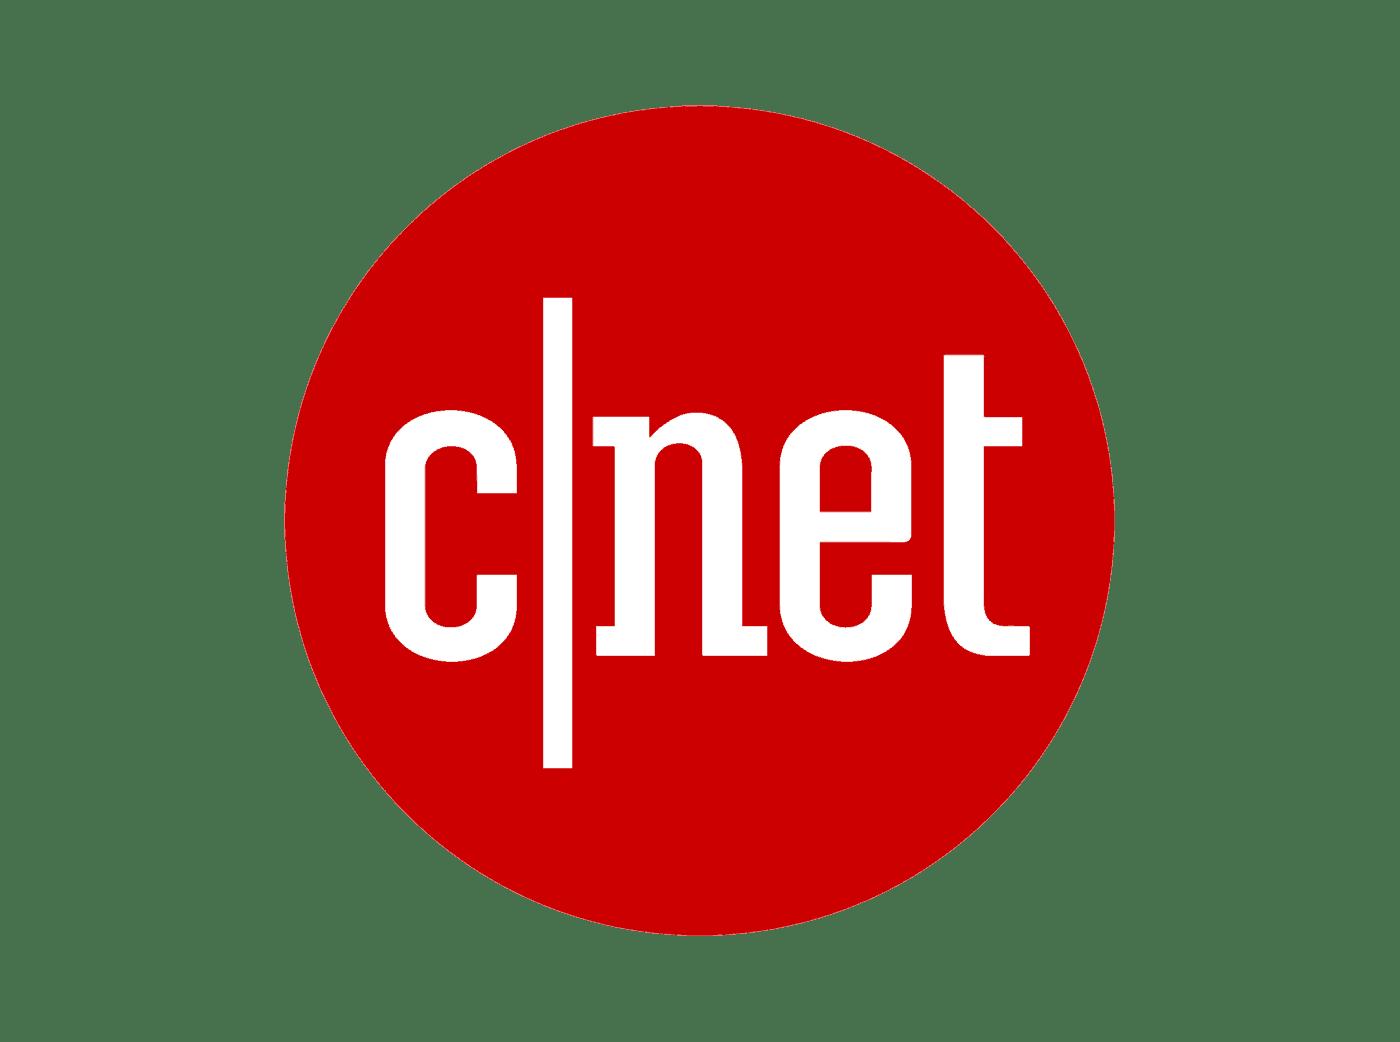 Cnet logo Pentagram